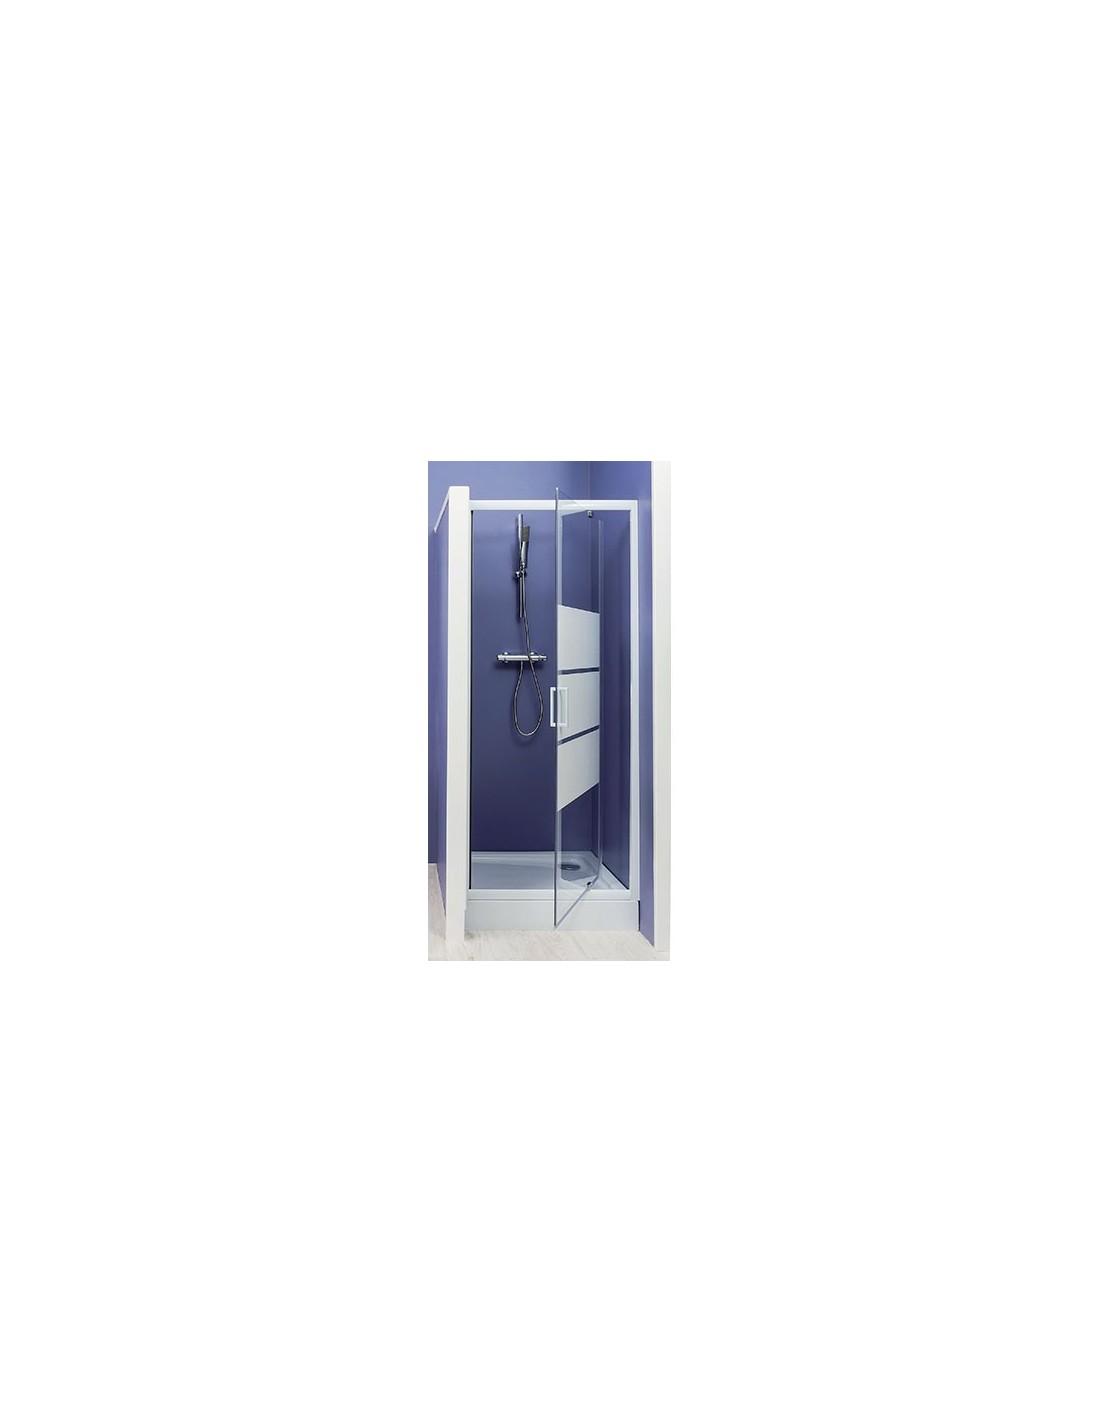 paroi de douche aumea porte pivotante acc s de face 80 cm. Black Bedroom Furniture Sets. Home Design Ideas